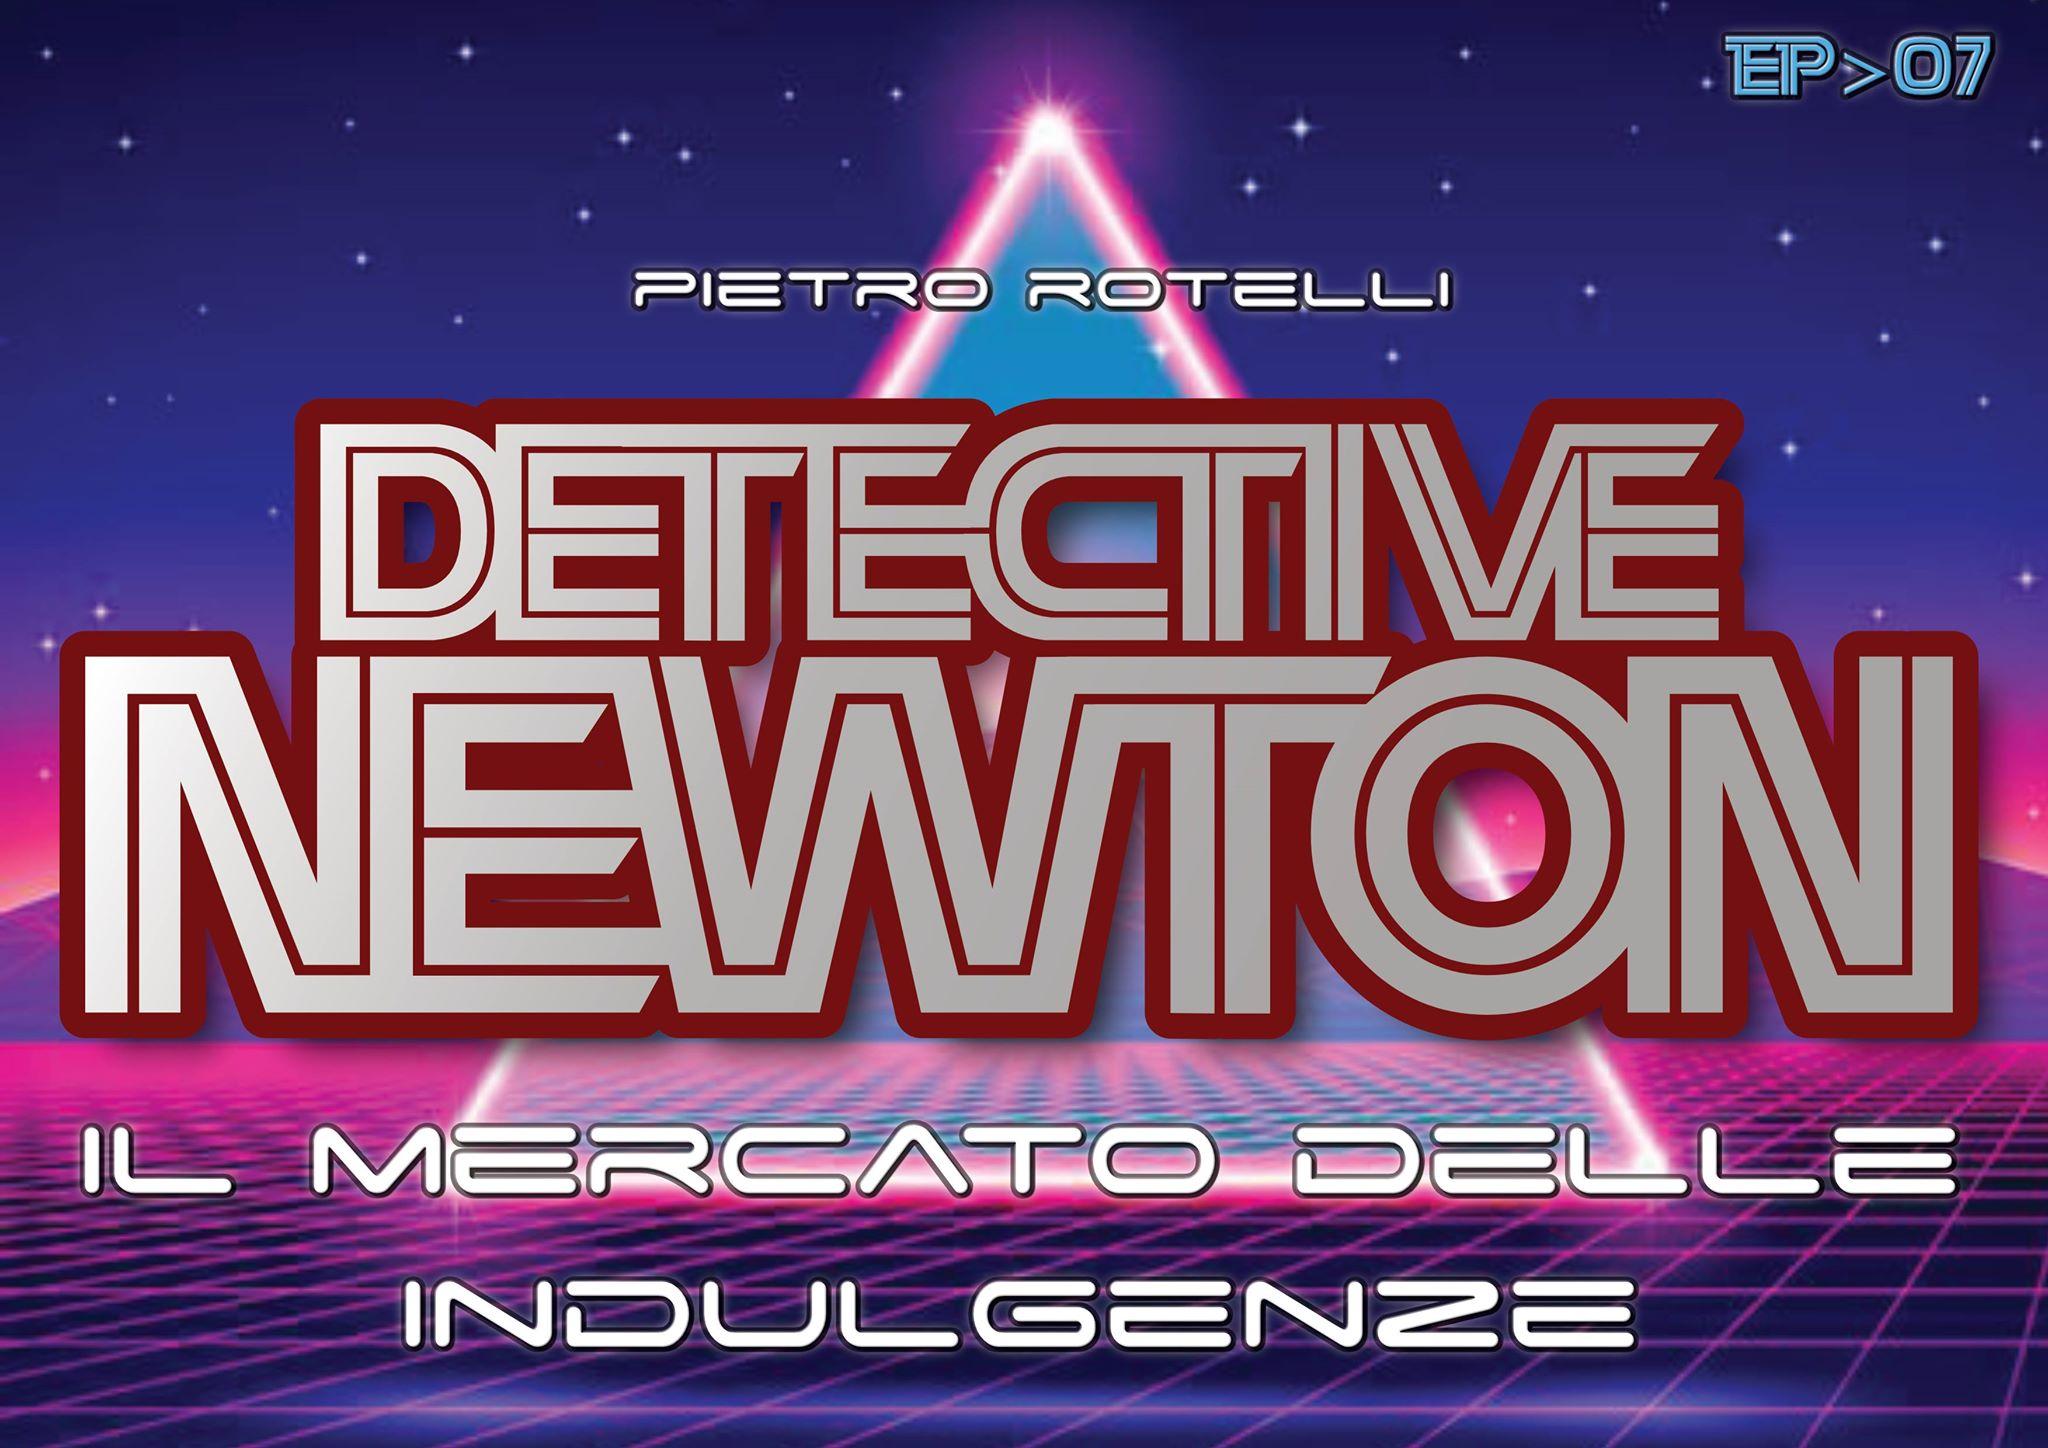 Il mercato delle indulgenze (Un'avventura del Detective Newton EP. 07) 1 - fanzine